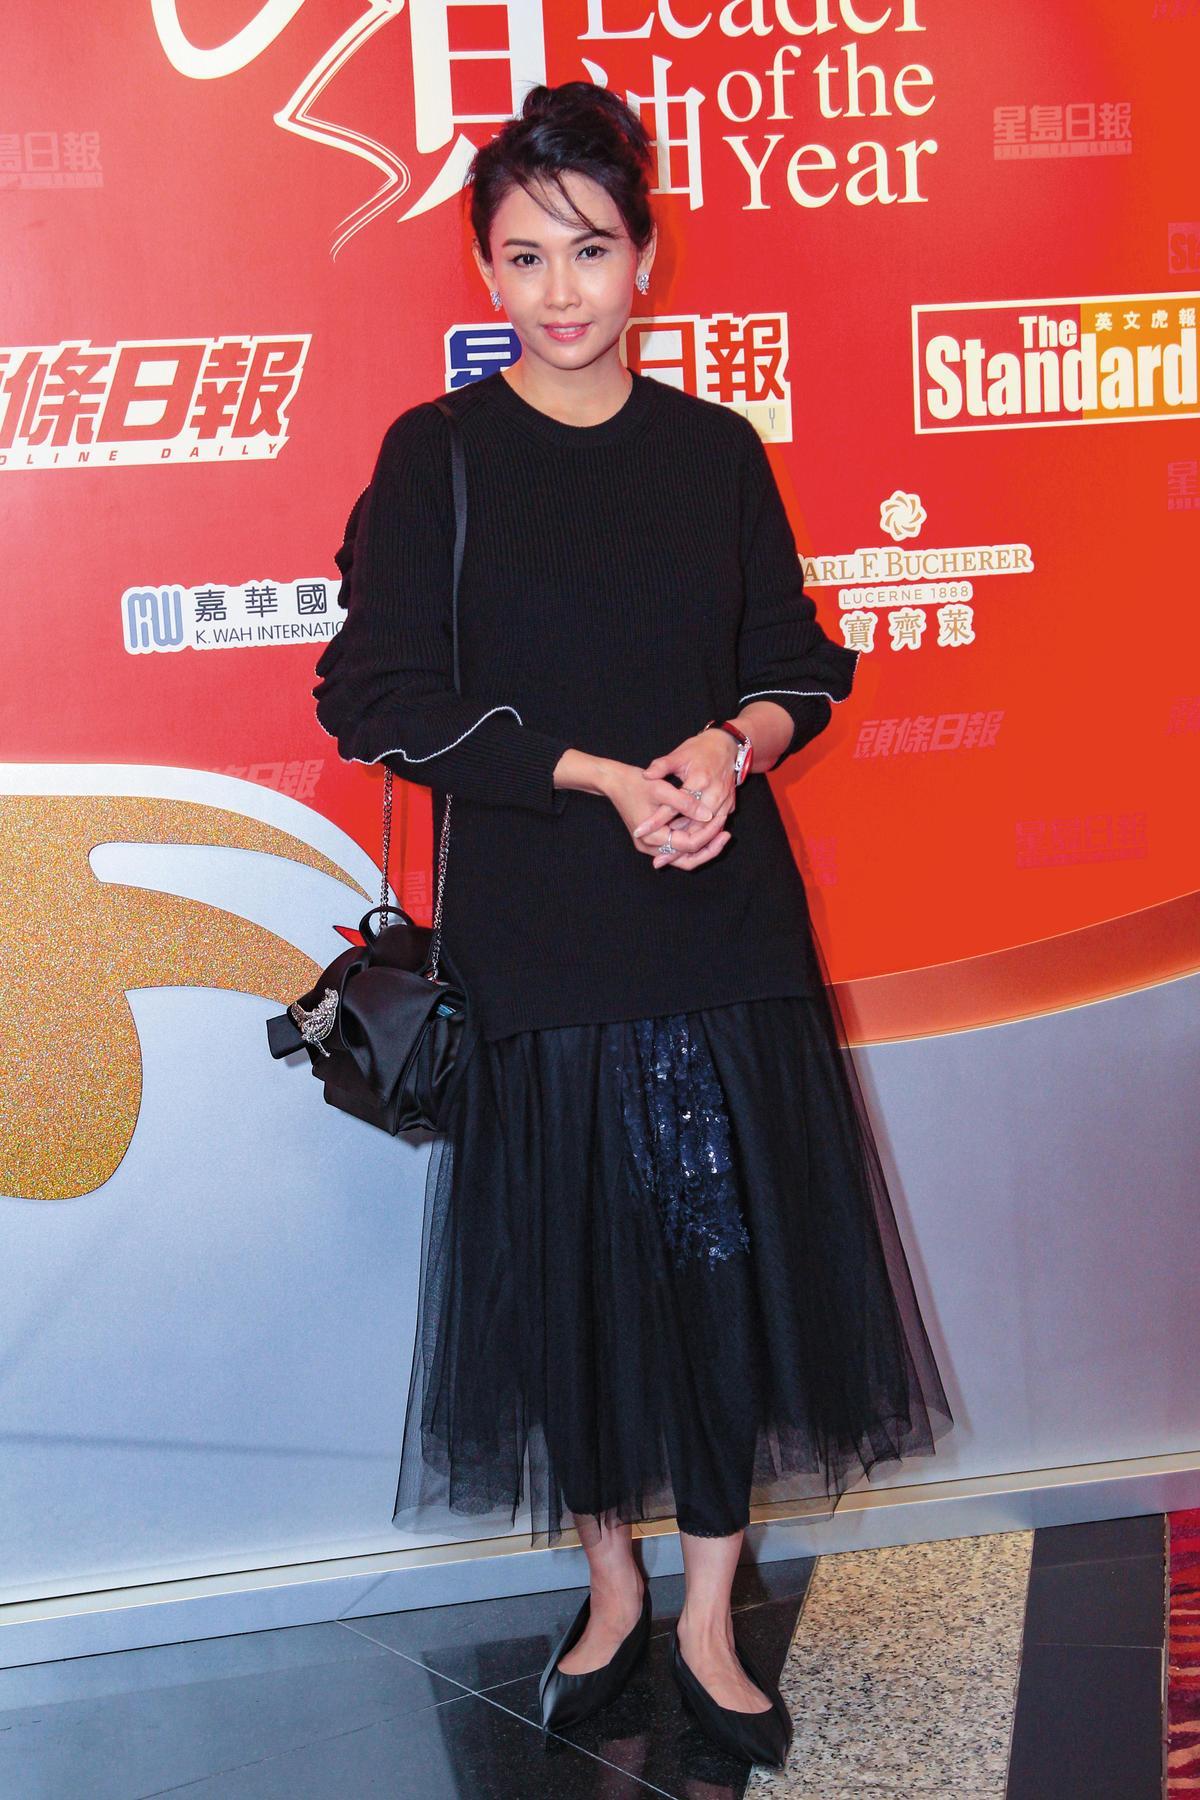 在香港出席傑出領袖選舉頒獎典禮的邱淑貞,以全黑色的造型現身,她在黑色的紗裙內,搭配同色系leggings,既保有浪漫感,又不會有太少女的誇張感。(東方IC)